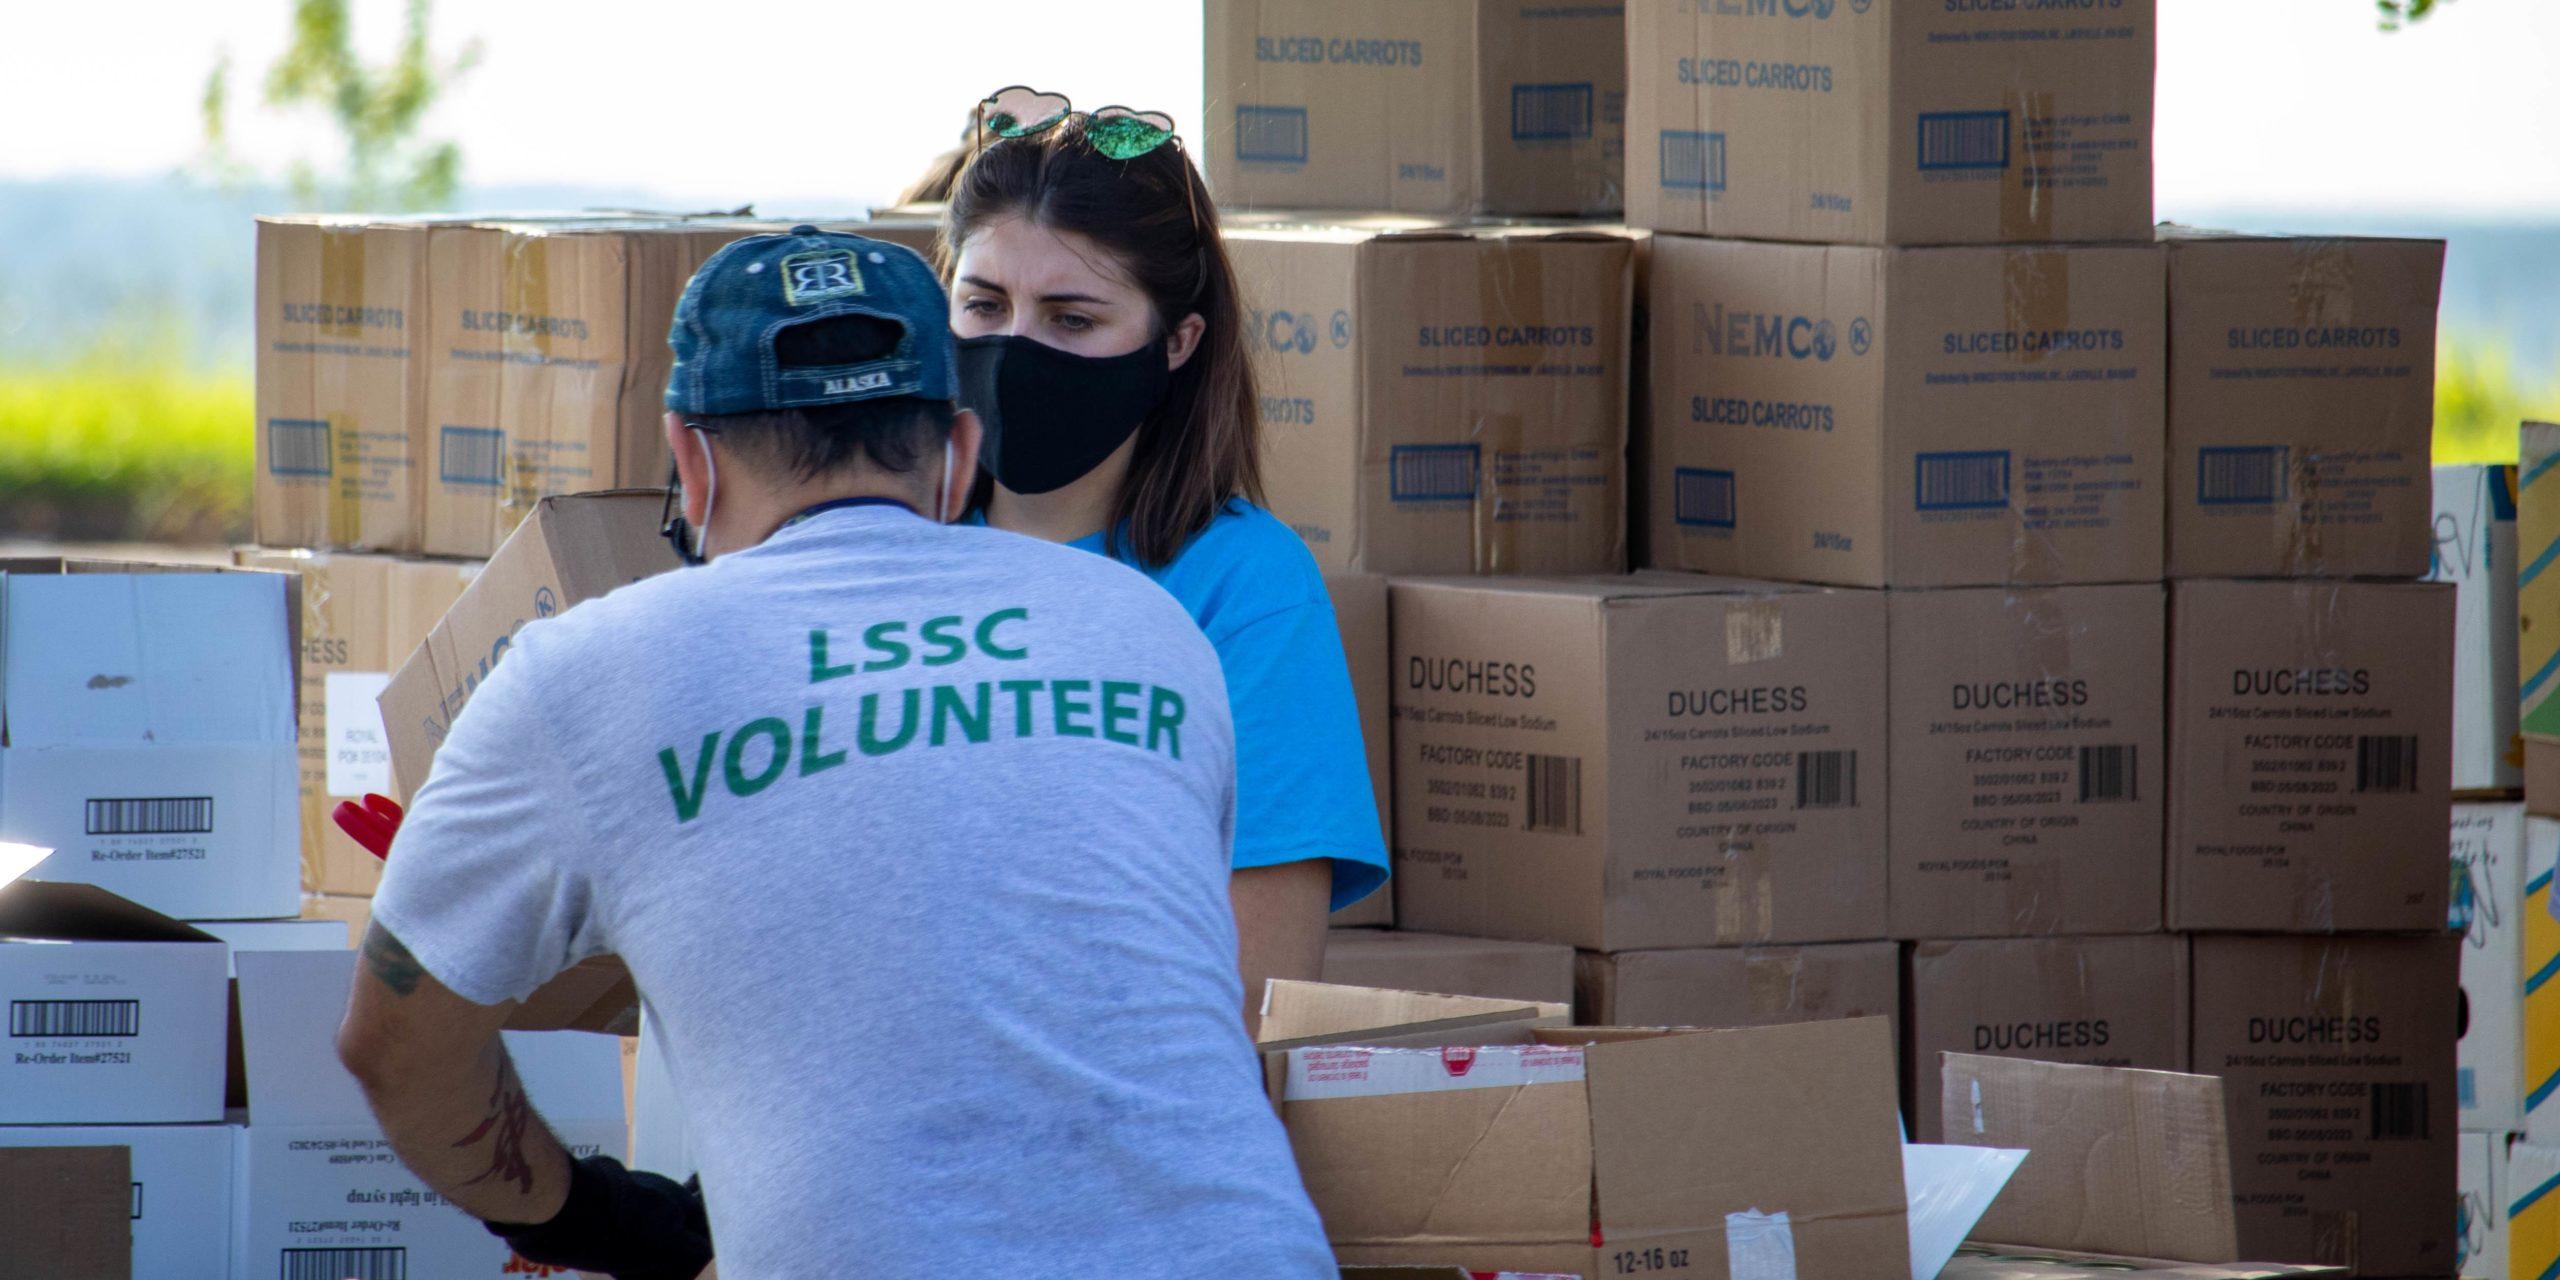 LSSC volunteers package food